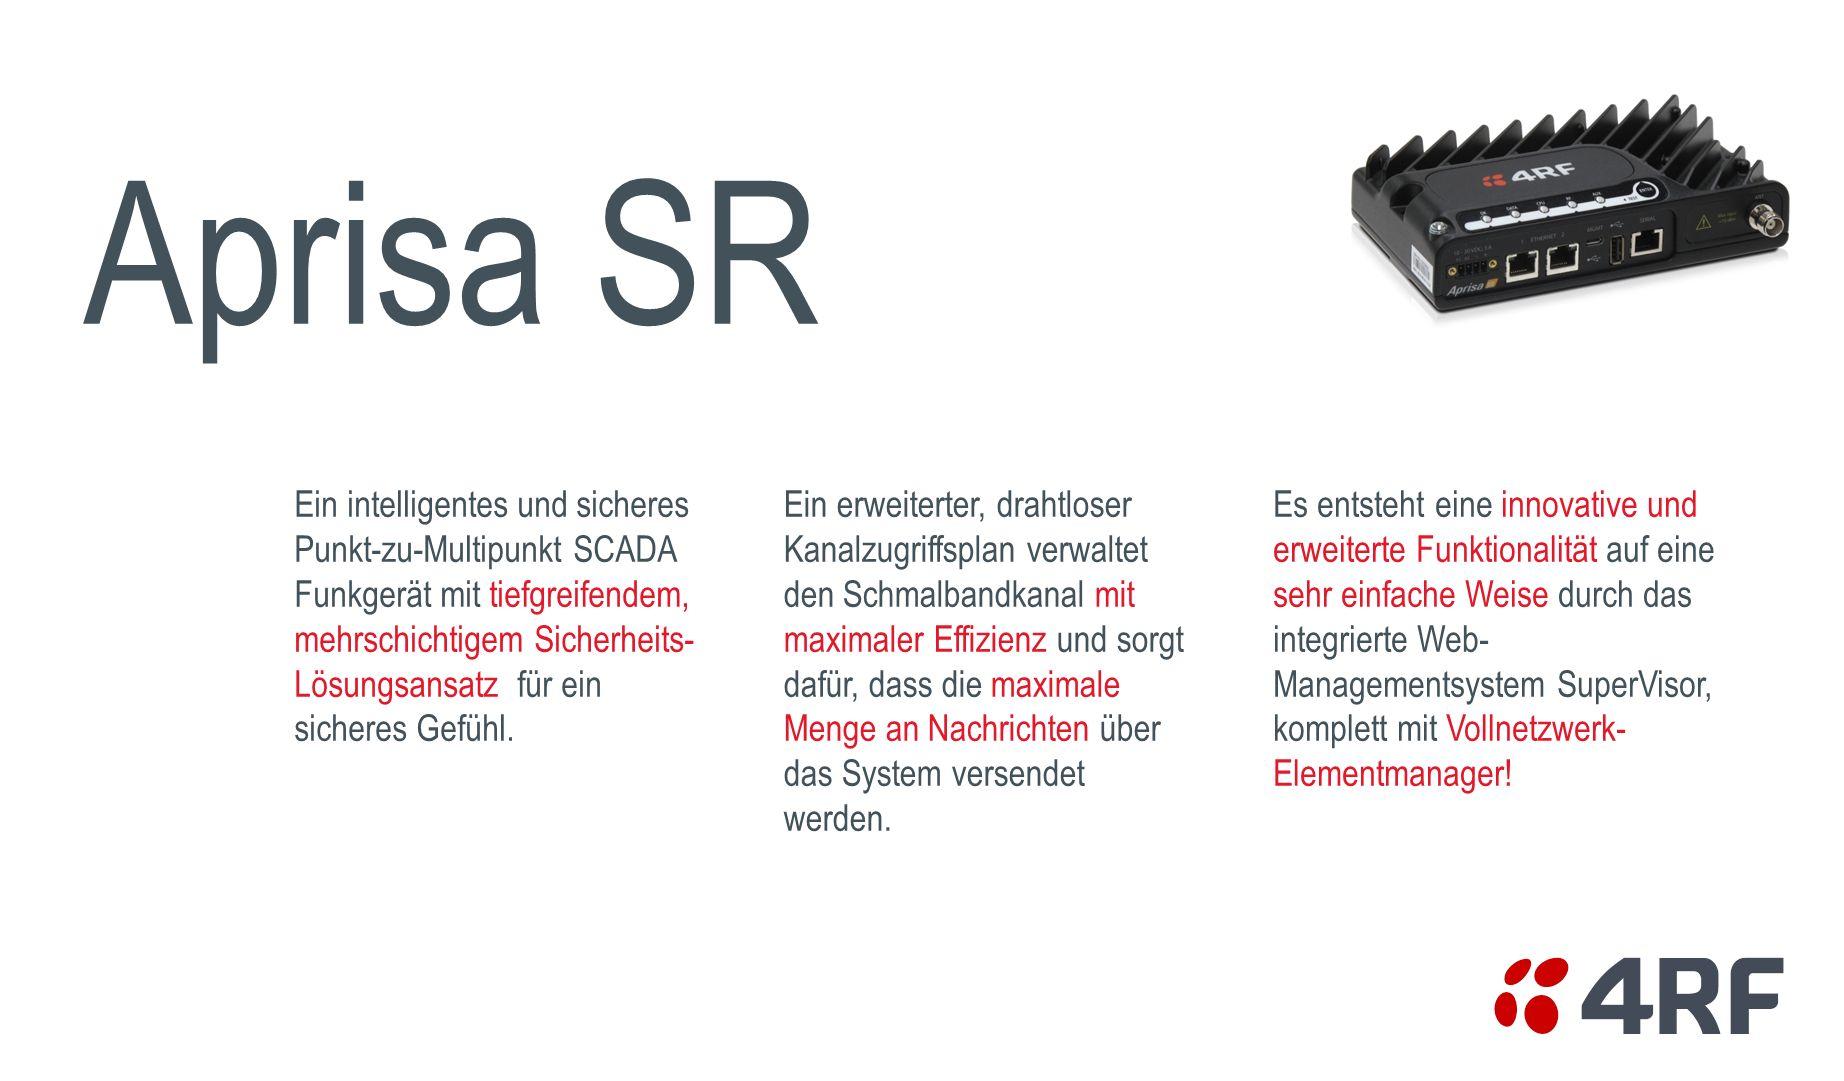 Aprisa SR Ein intelligentes und sicheres Punkt-zu-Multipunkt SCADA Funkgerät mit tiefgreifendem, mehrschichtigem Sicherheits- Lösungsansatz für ein si